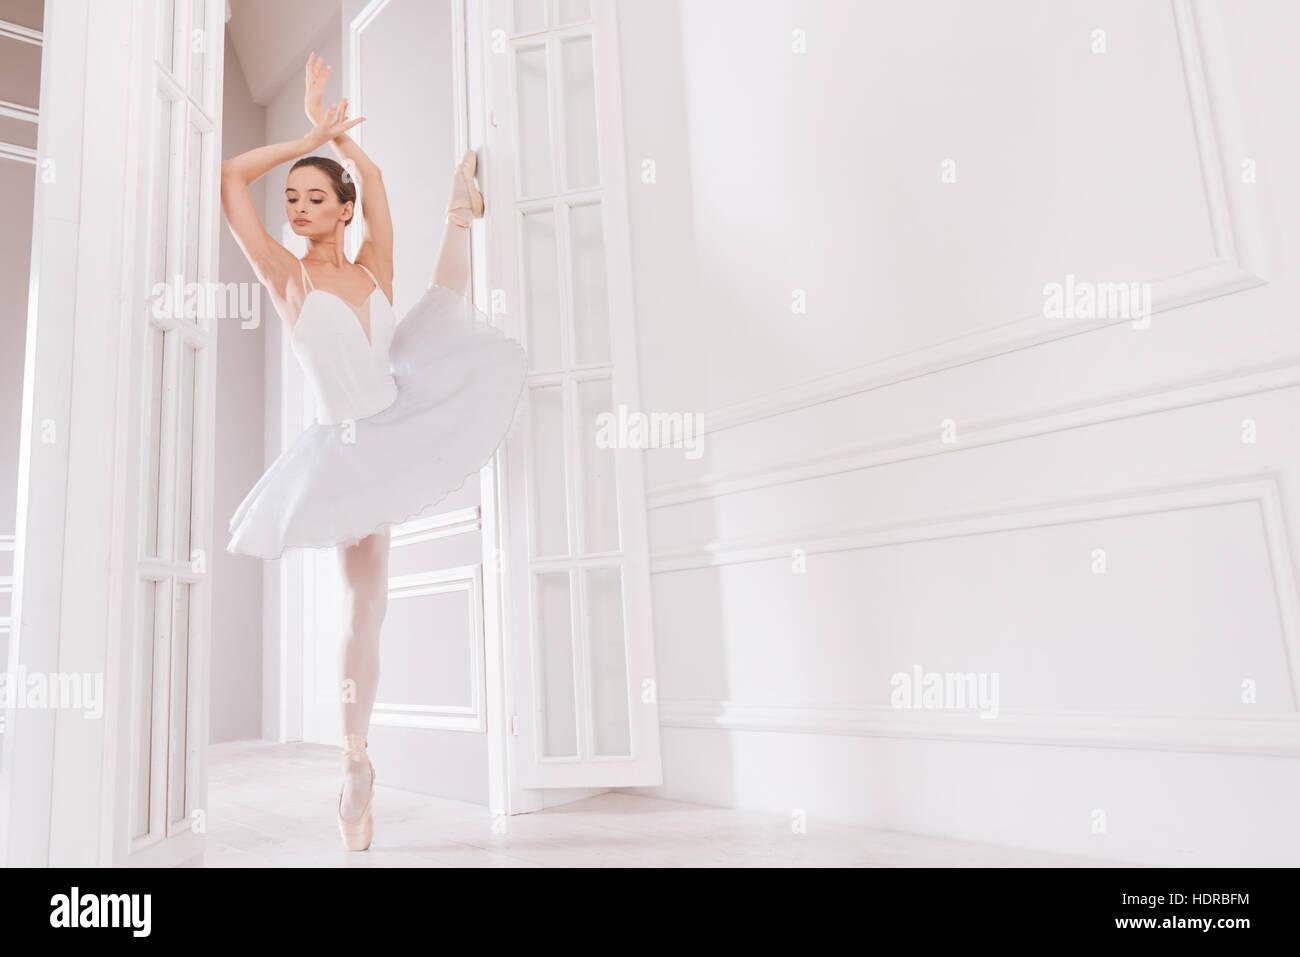 Danseur de Ballet à côté d'offres Photo Stock